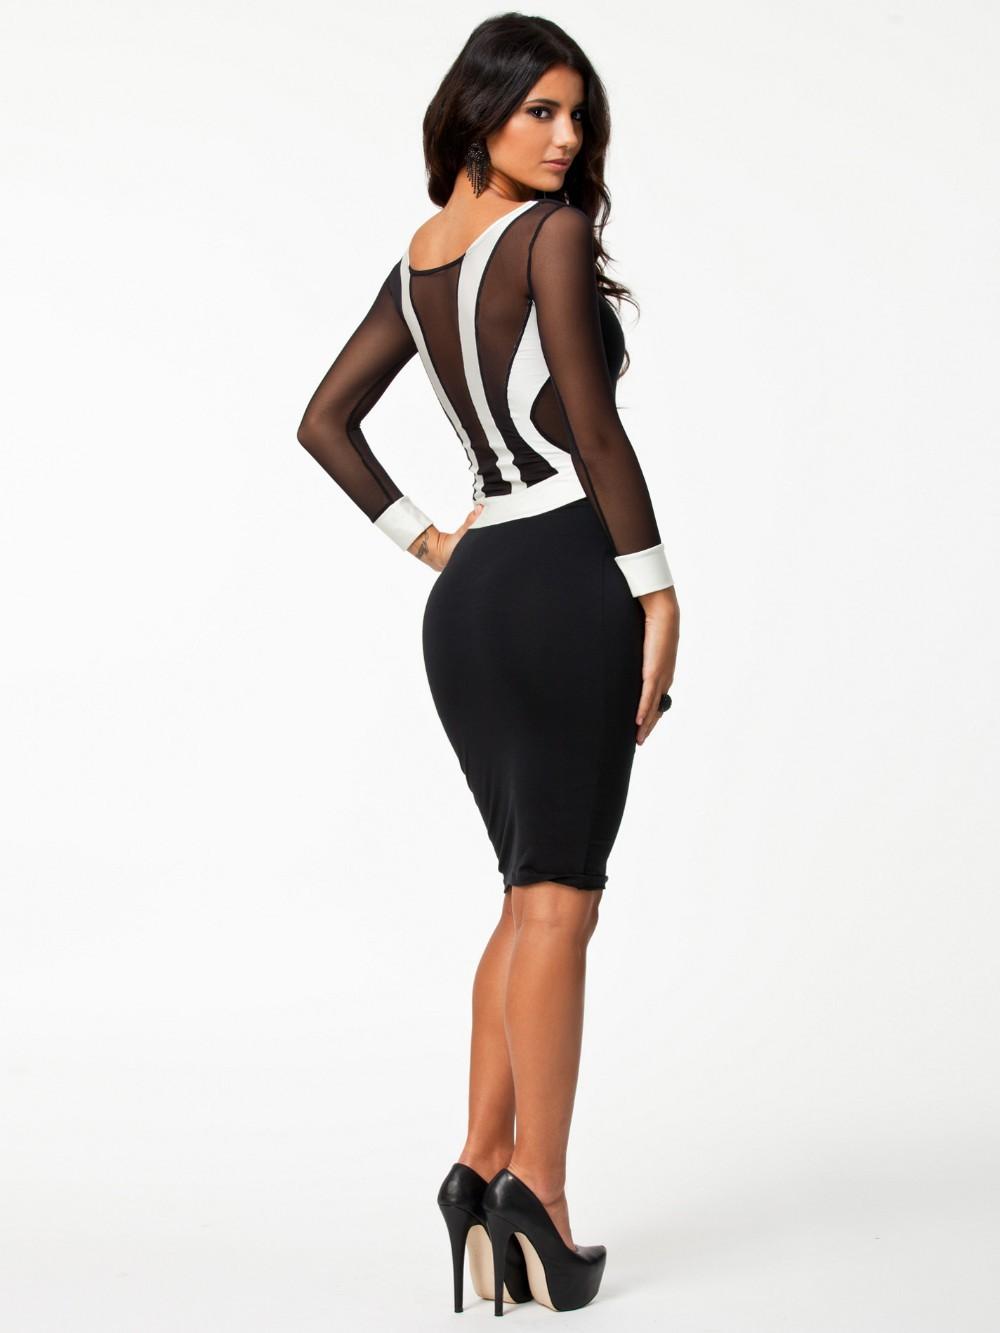 26f0018748 Sukienka czarna wyszczuplająca seksowna modna s - xxl MODITO